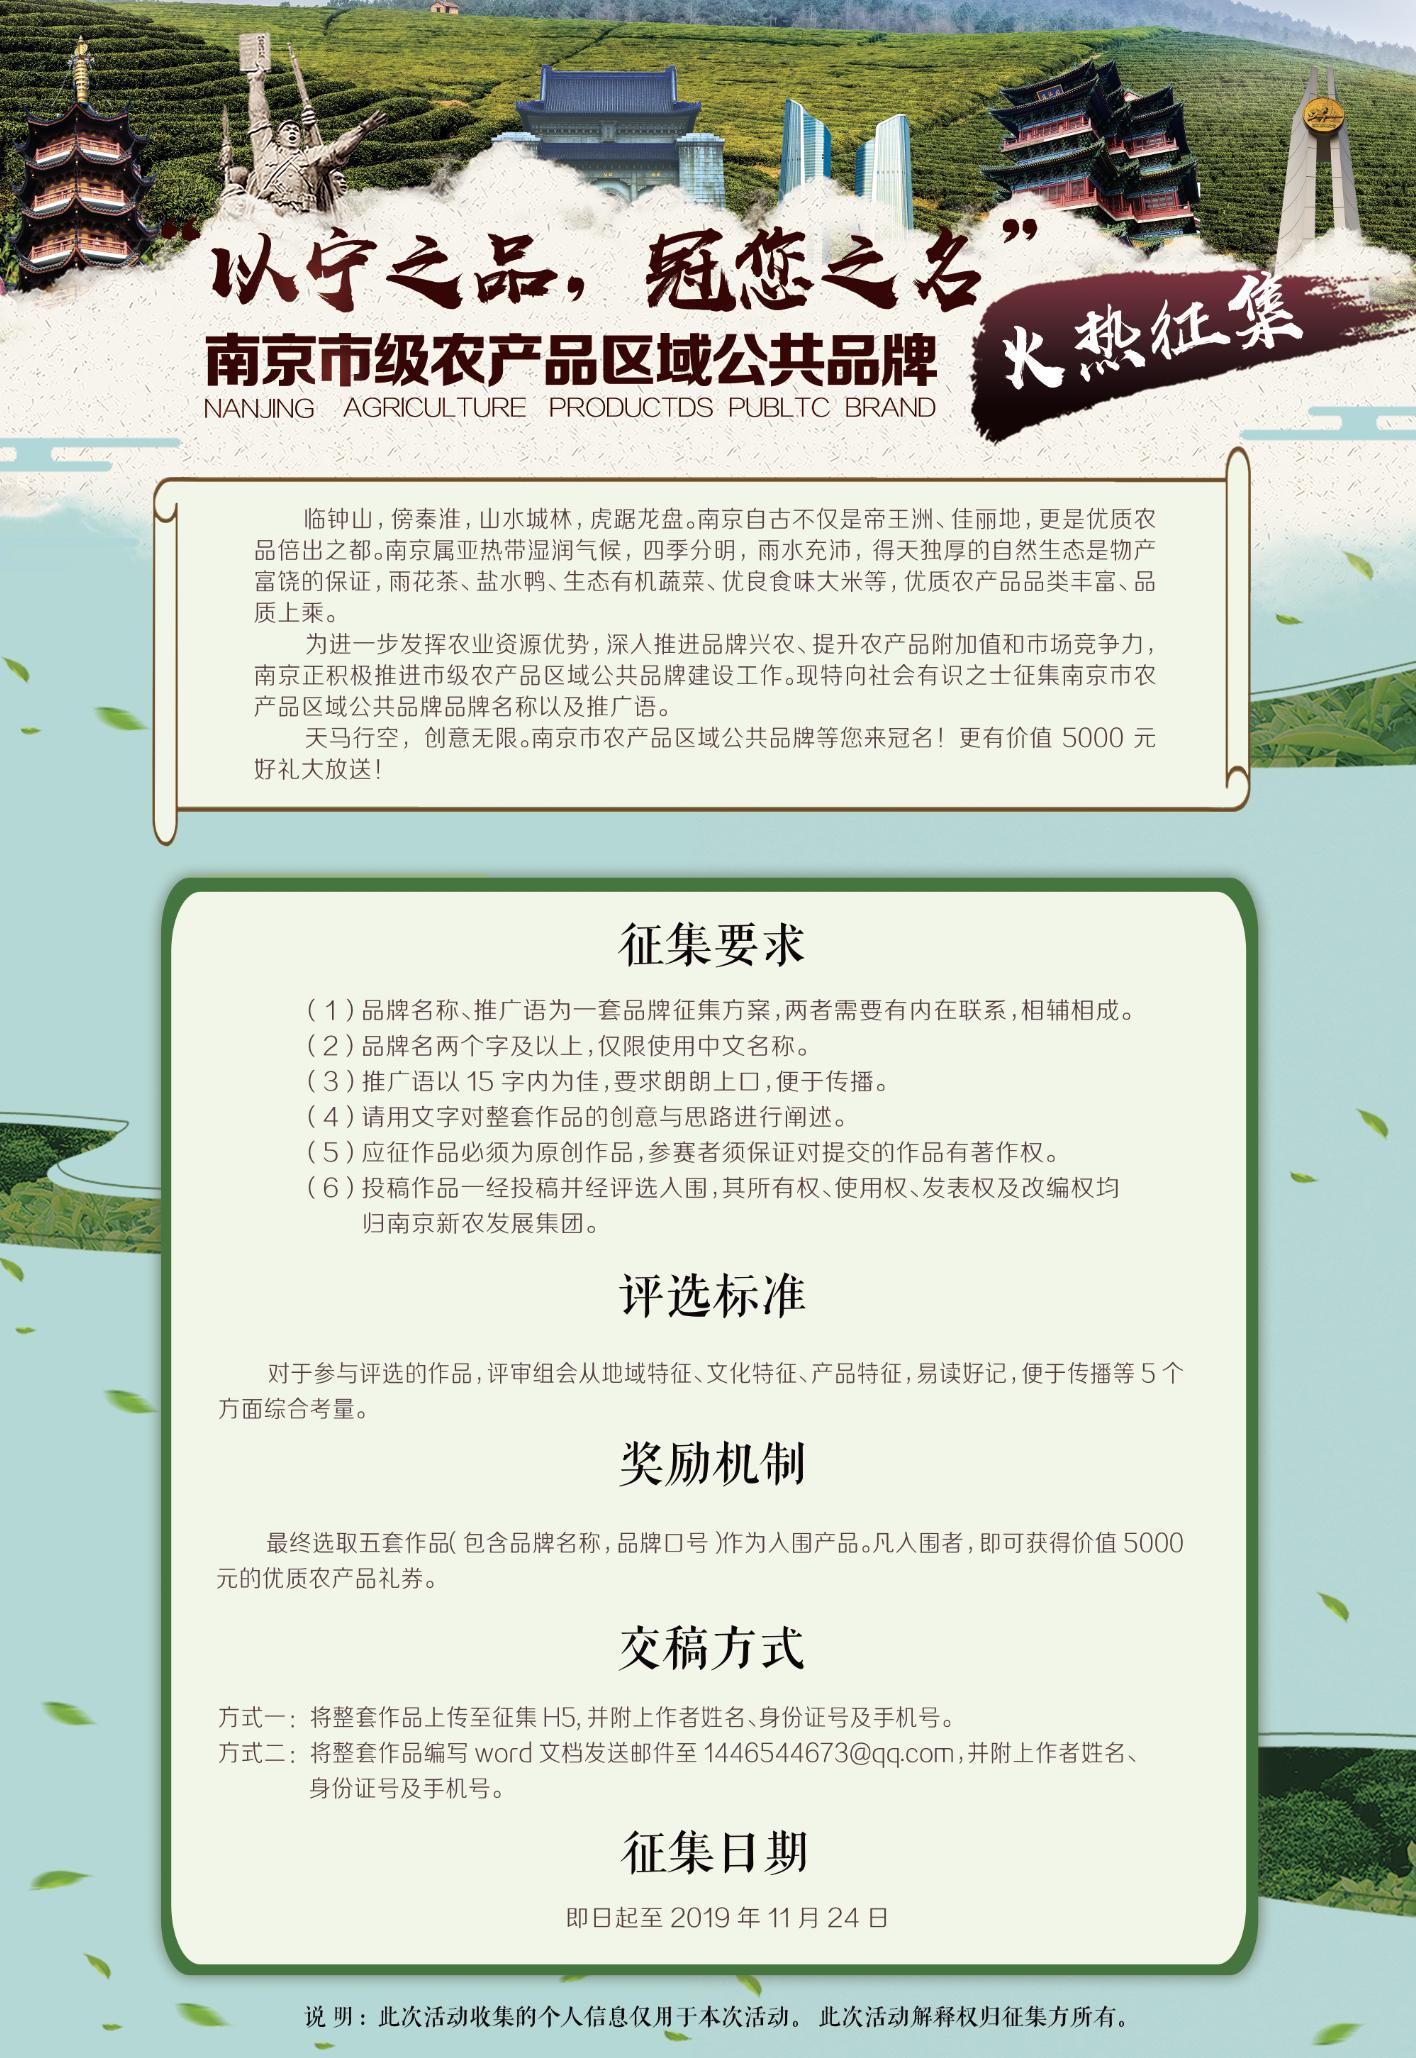 """""""以宁之品,冠您之名"""" 南京市级农产品区域公用品牌等你来命名"""